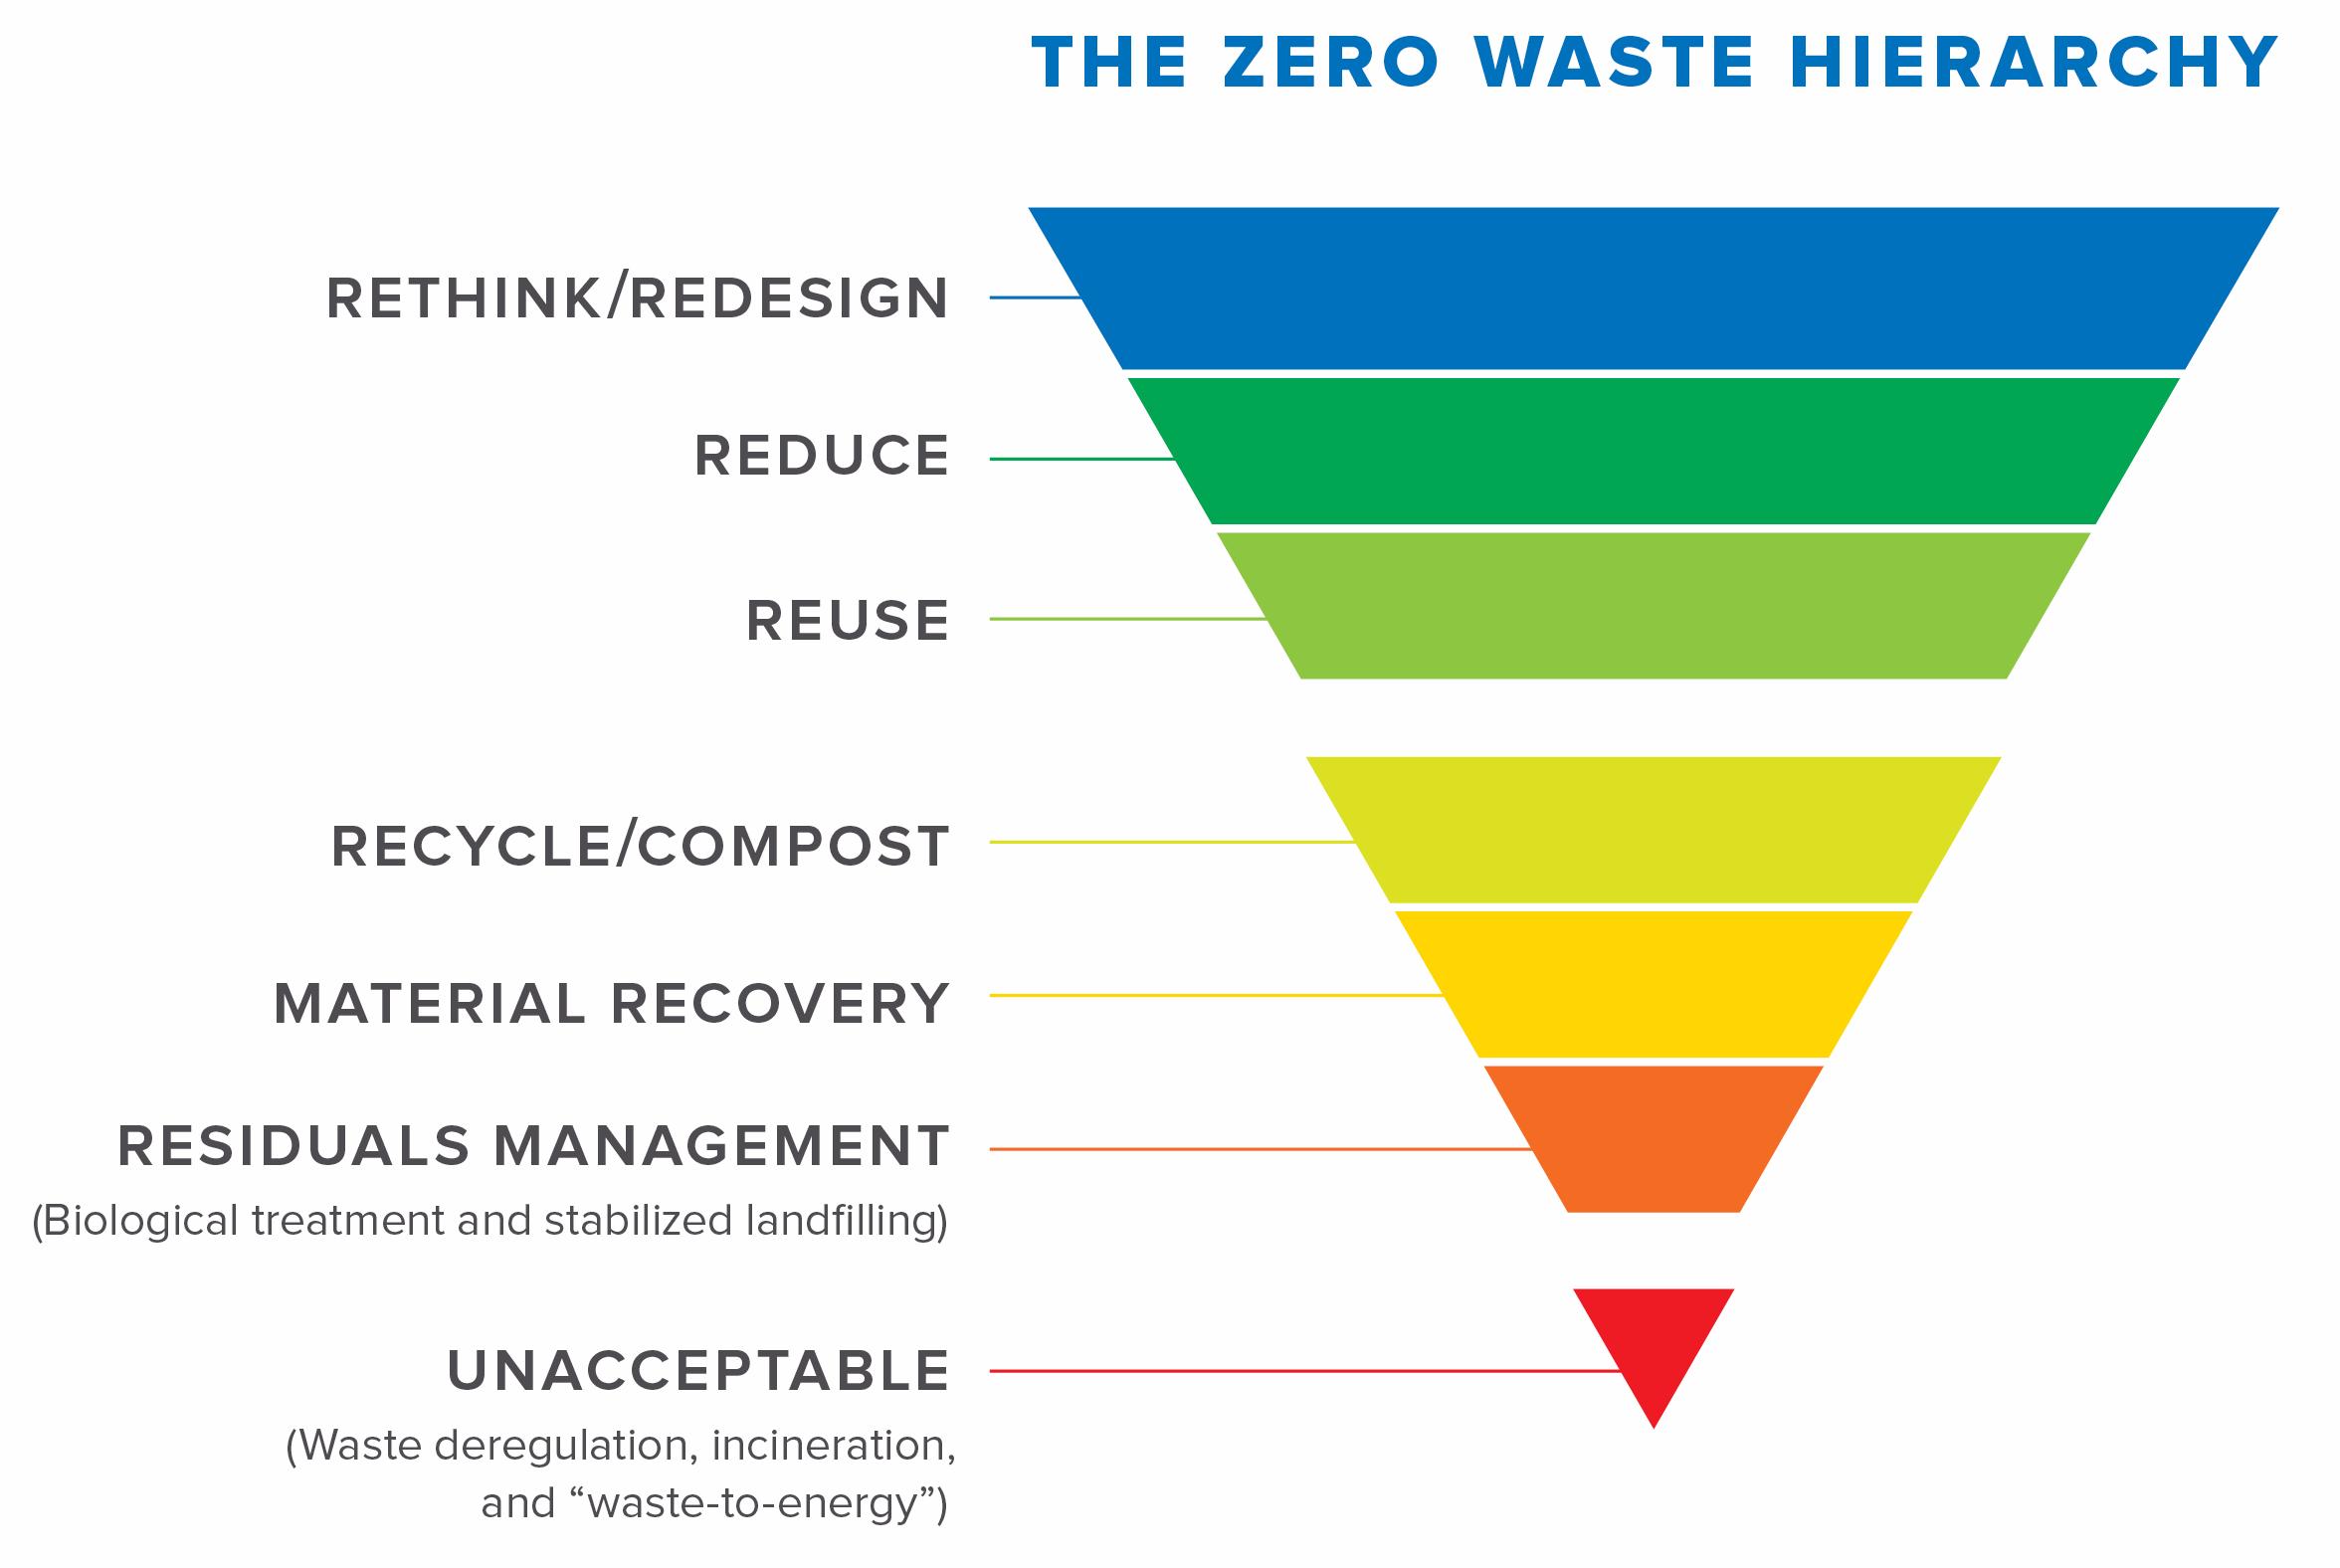 Zero Waste Hierarchy | Energy Justice Network